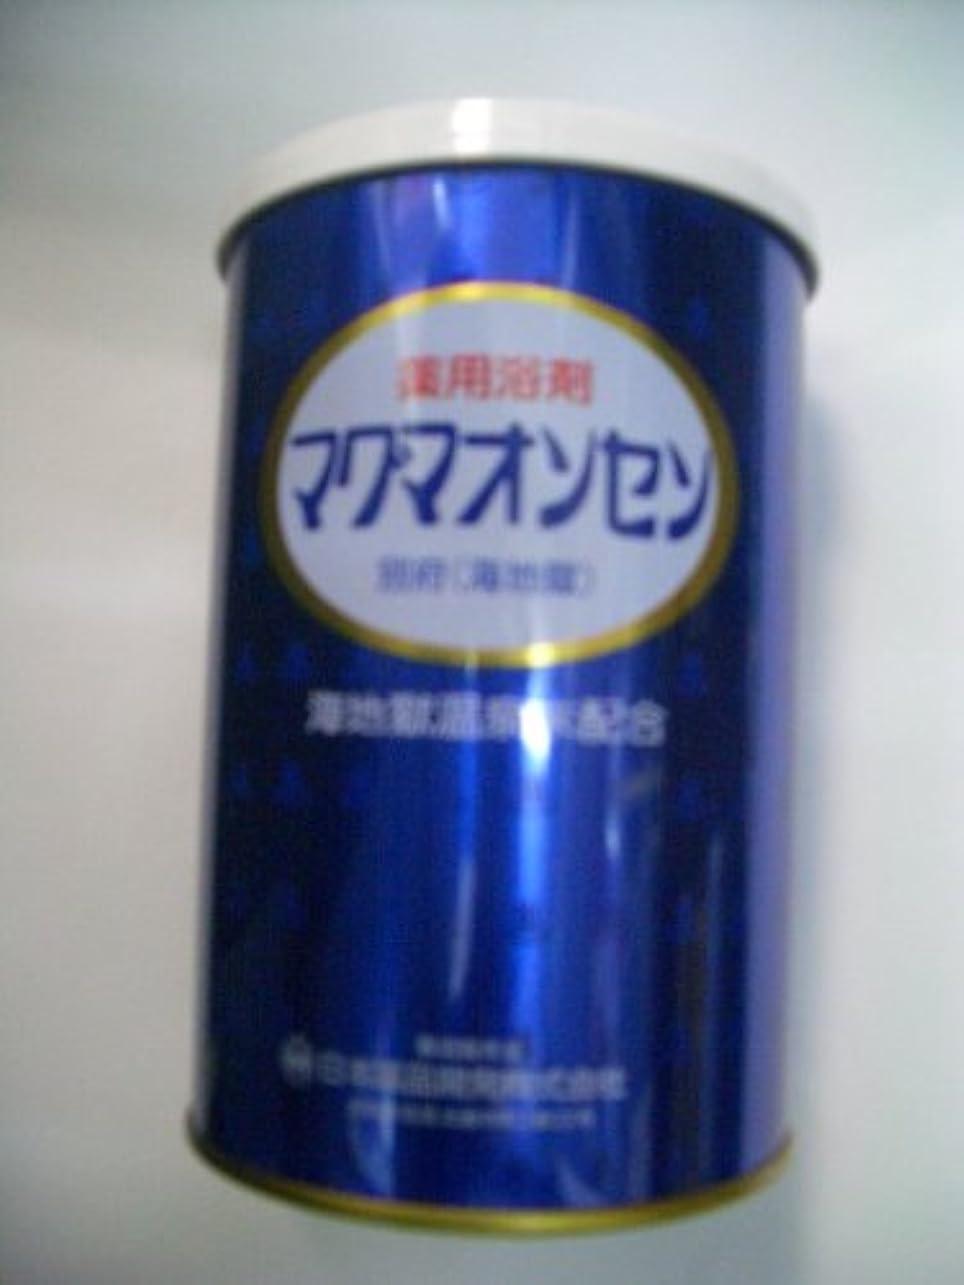 アリーナくびれたシャッター別府温泉 【マグマ温泉】(海地獄)缶入500g 6個+1包